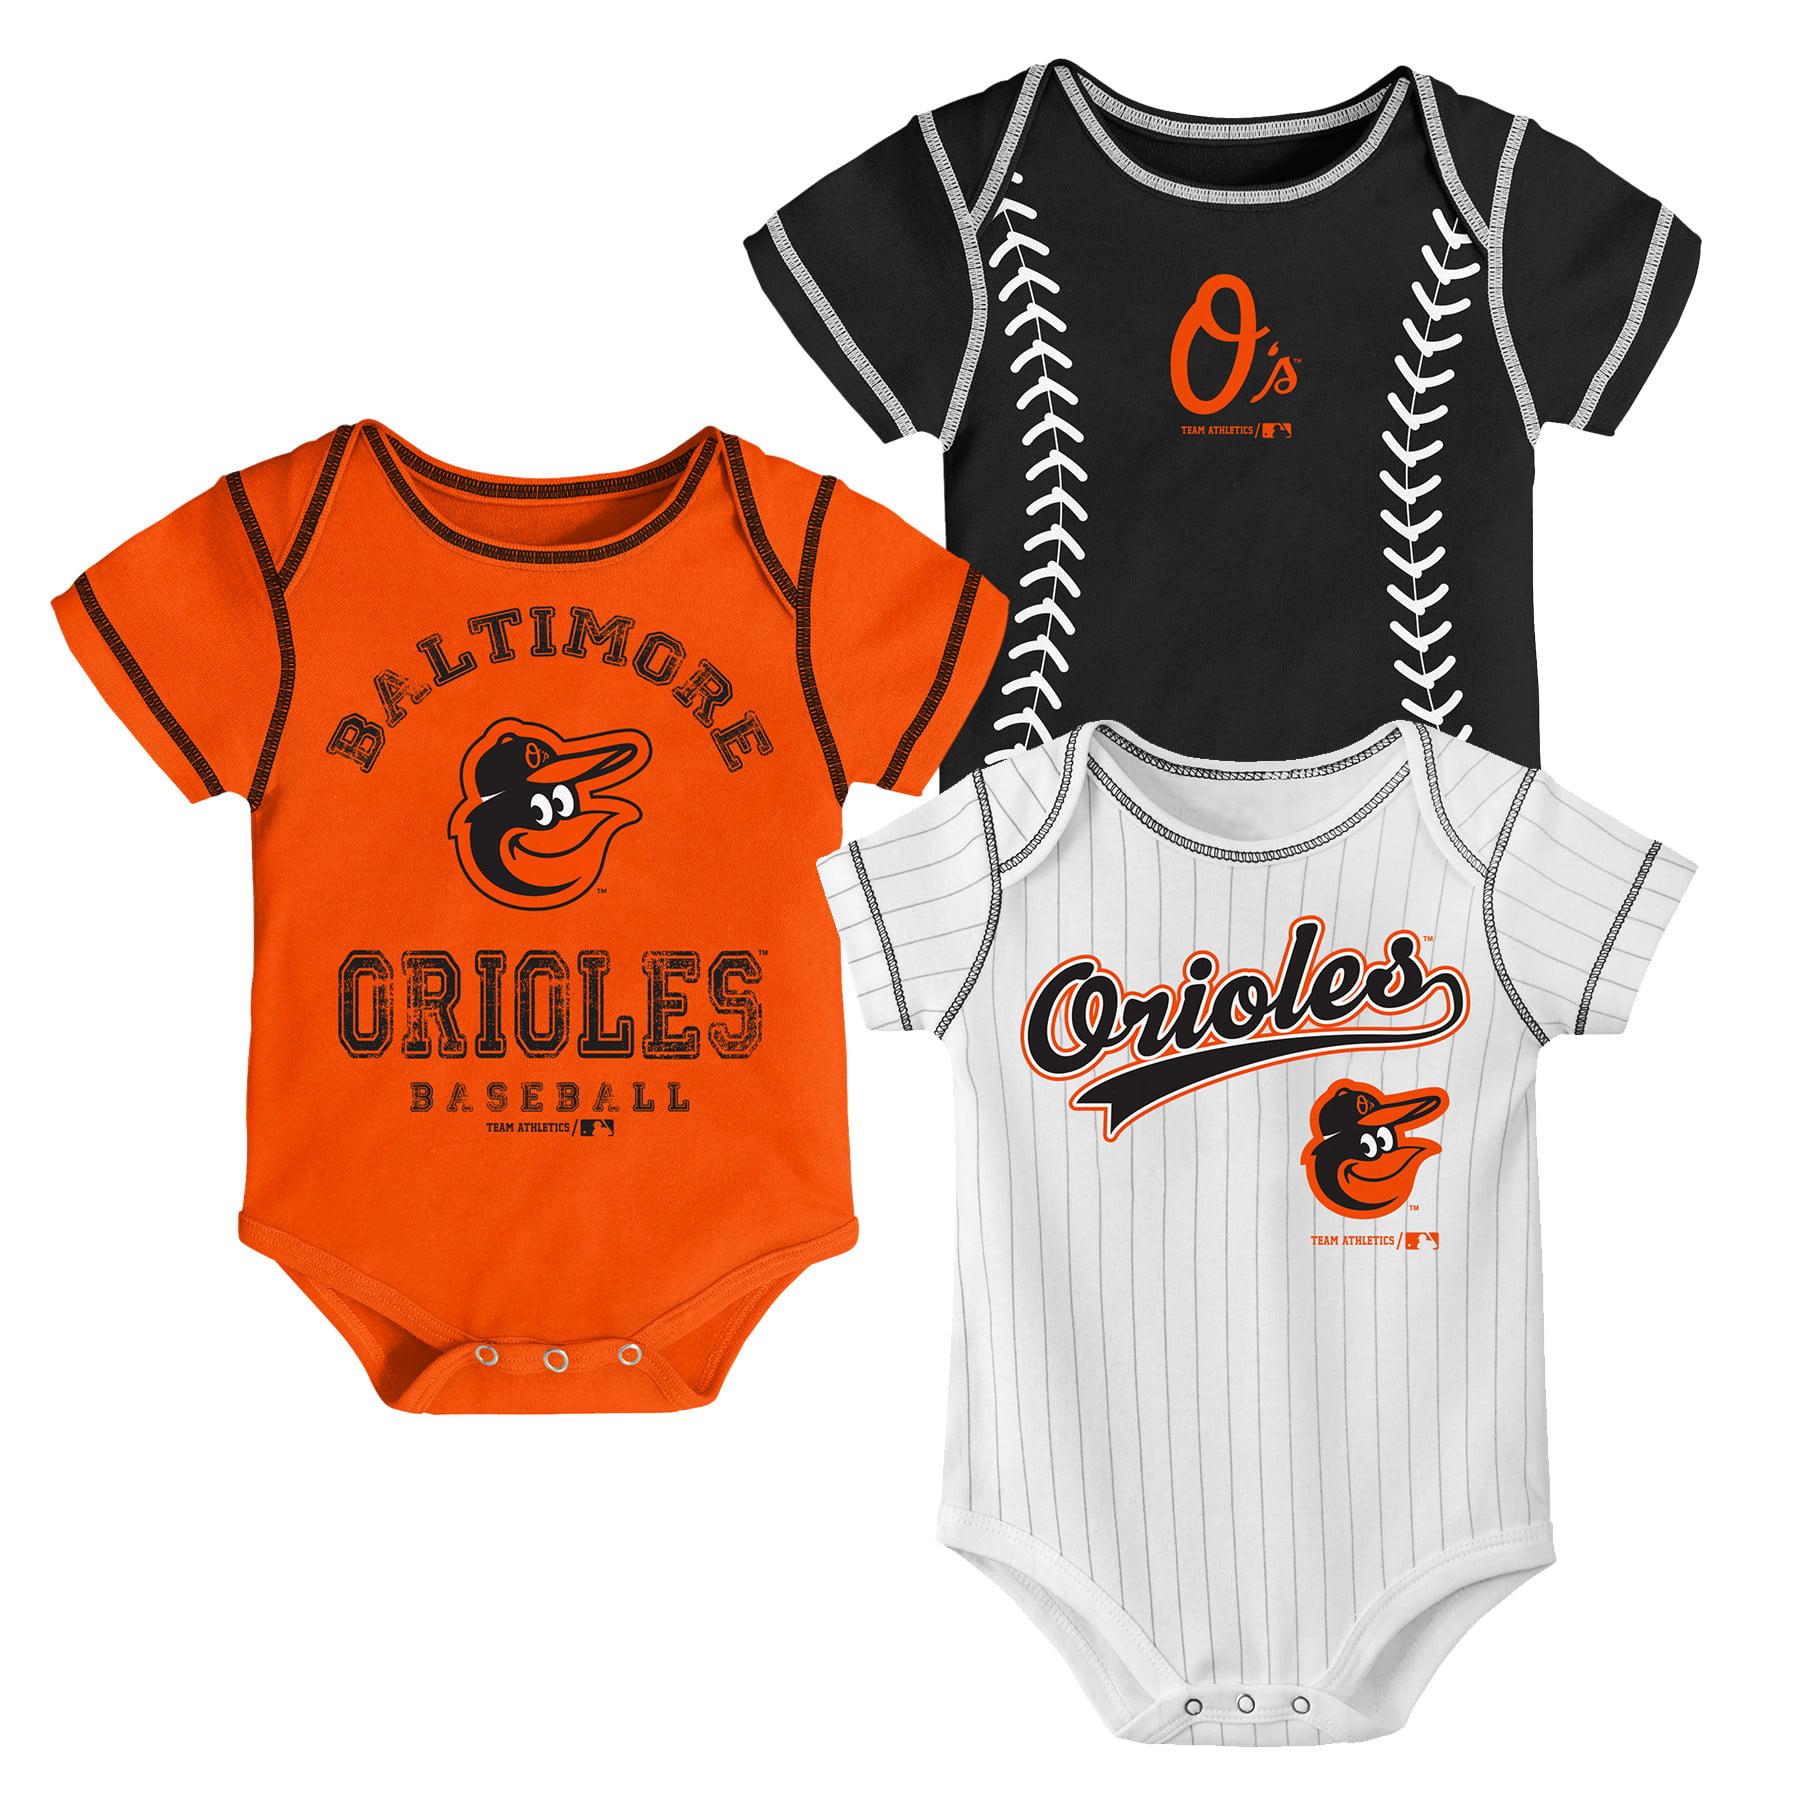 Baltimore Orioles Team Shop - Walmart.com ffc11a365